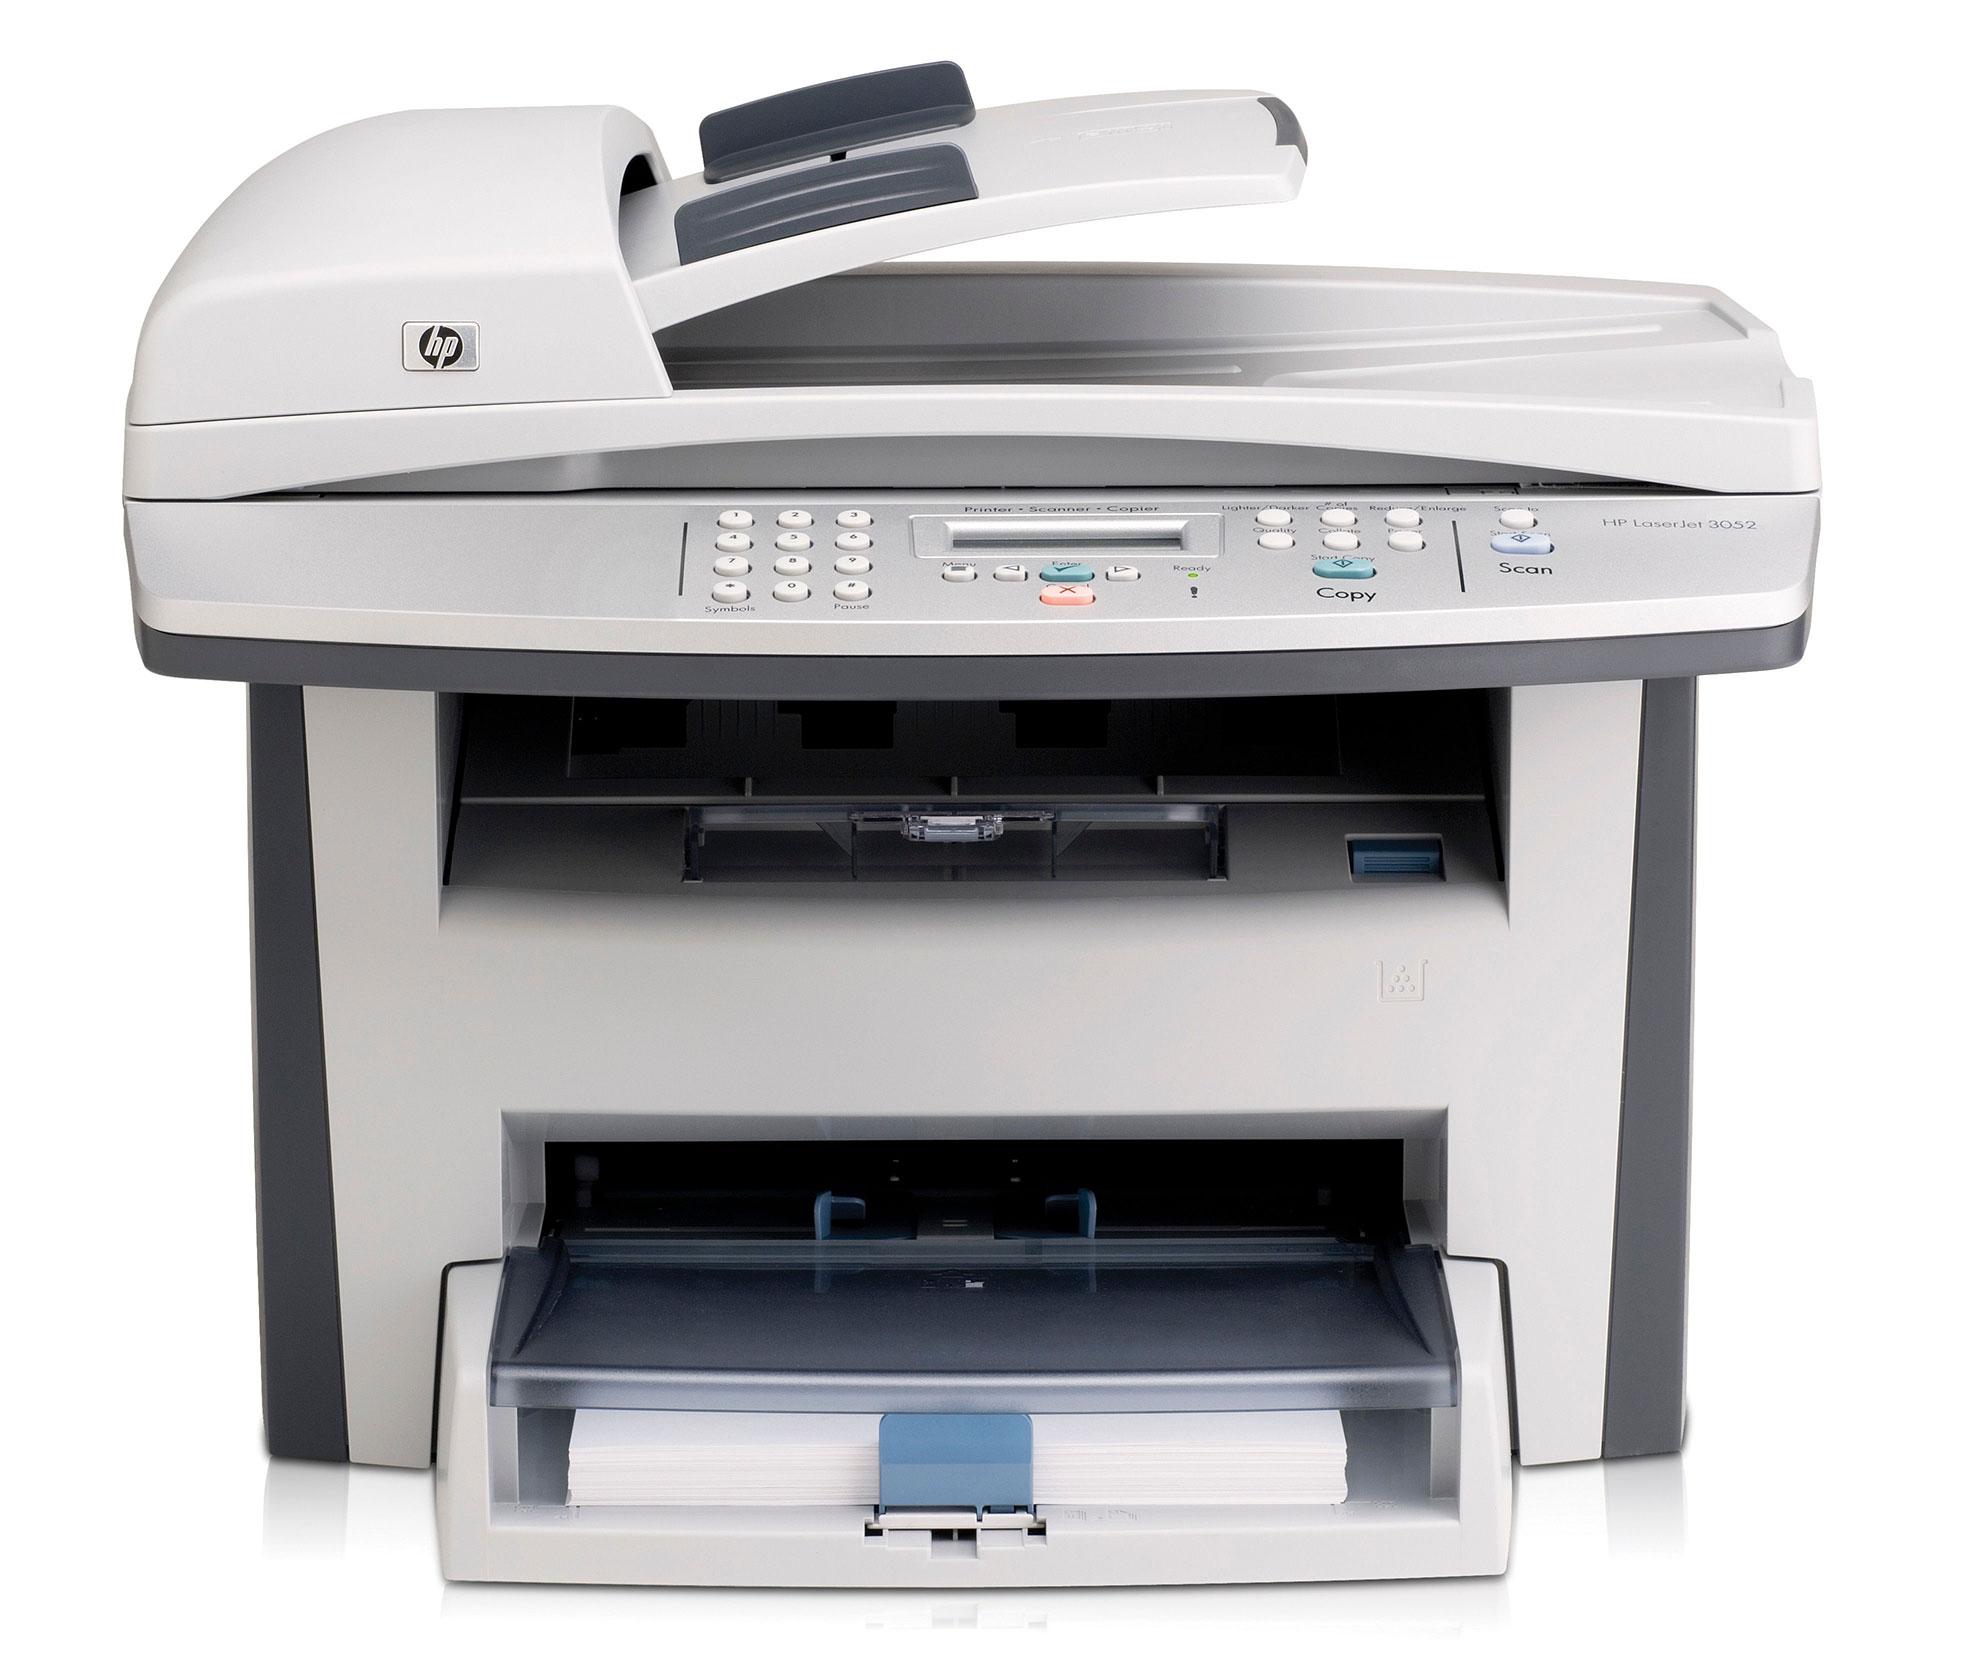 Принтер HP LaserJet 3052 All-in-One Printer